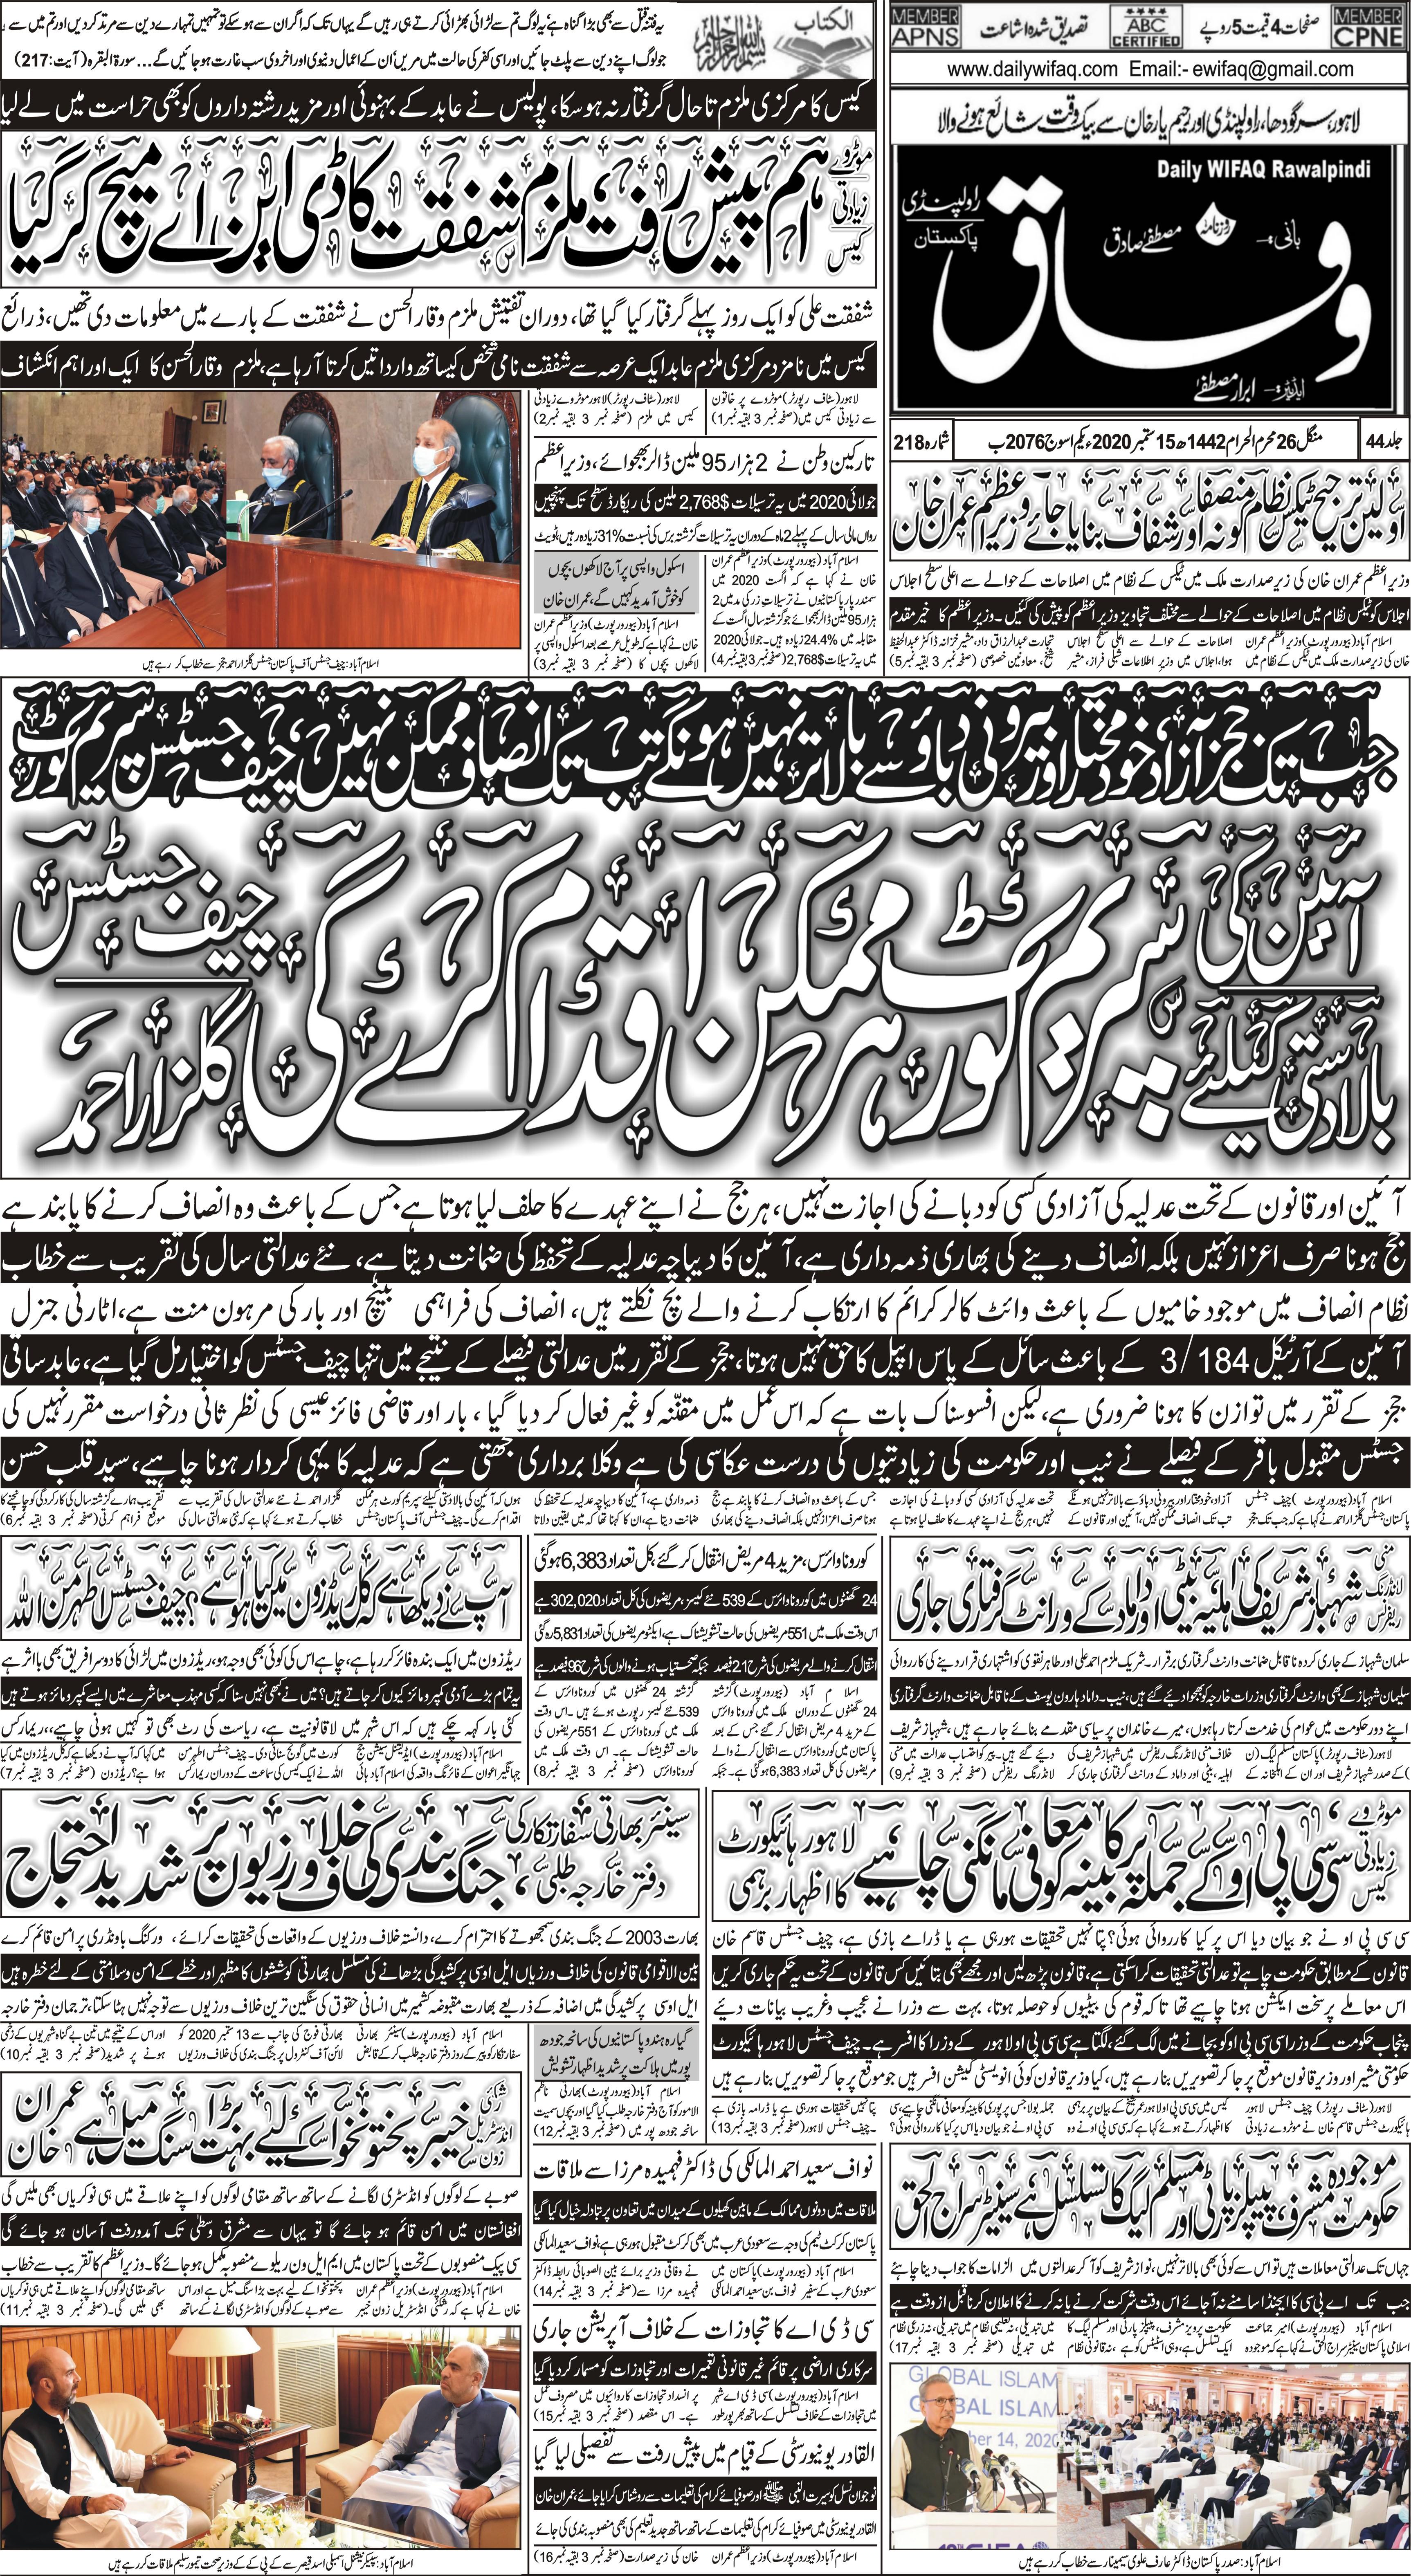 e-Paper – Daily Wifaq – Rawalpindi – 15-09-2020